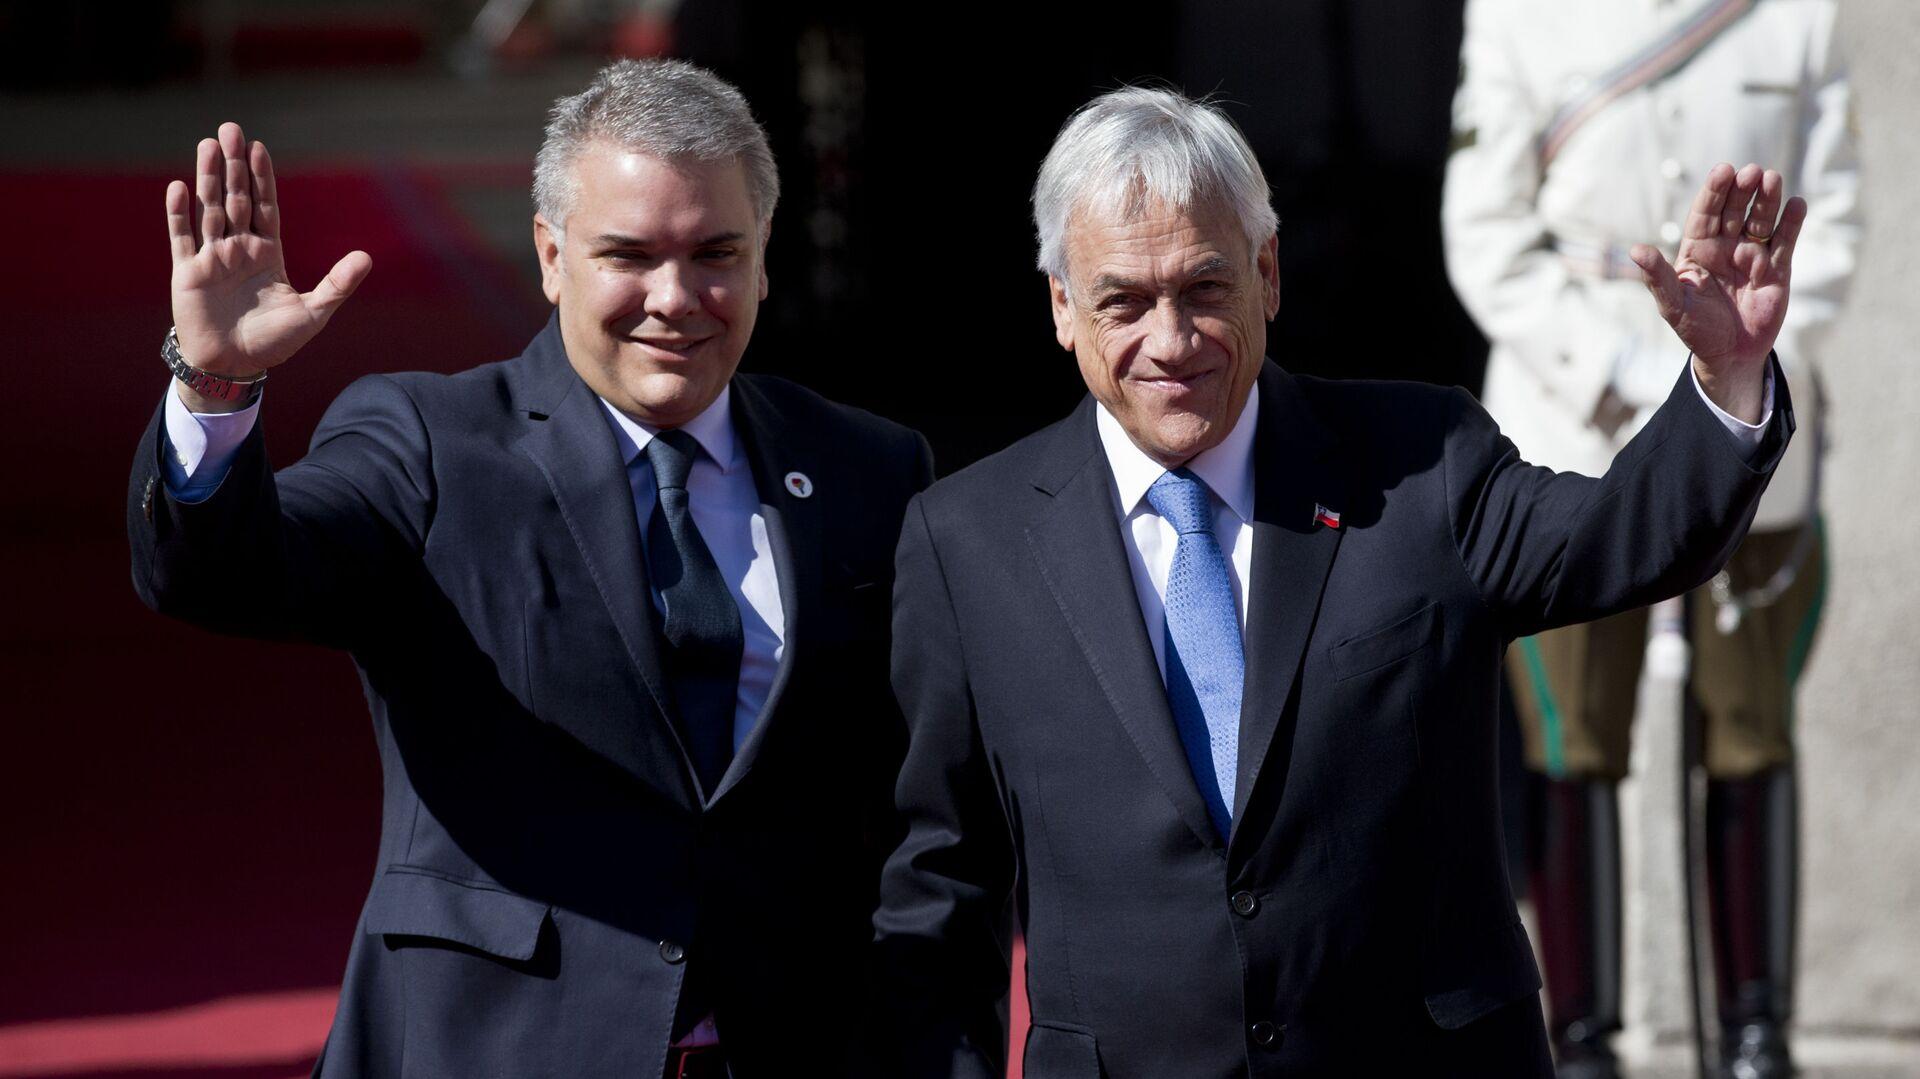 El presidente de Colombia, Iván Duque, y su homólogo chileno, Sebastián Piñera - Sputnik Mundo, 1920, 09.12.2020